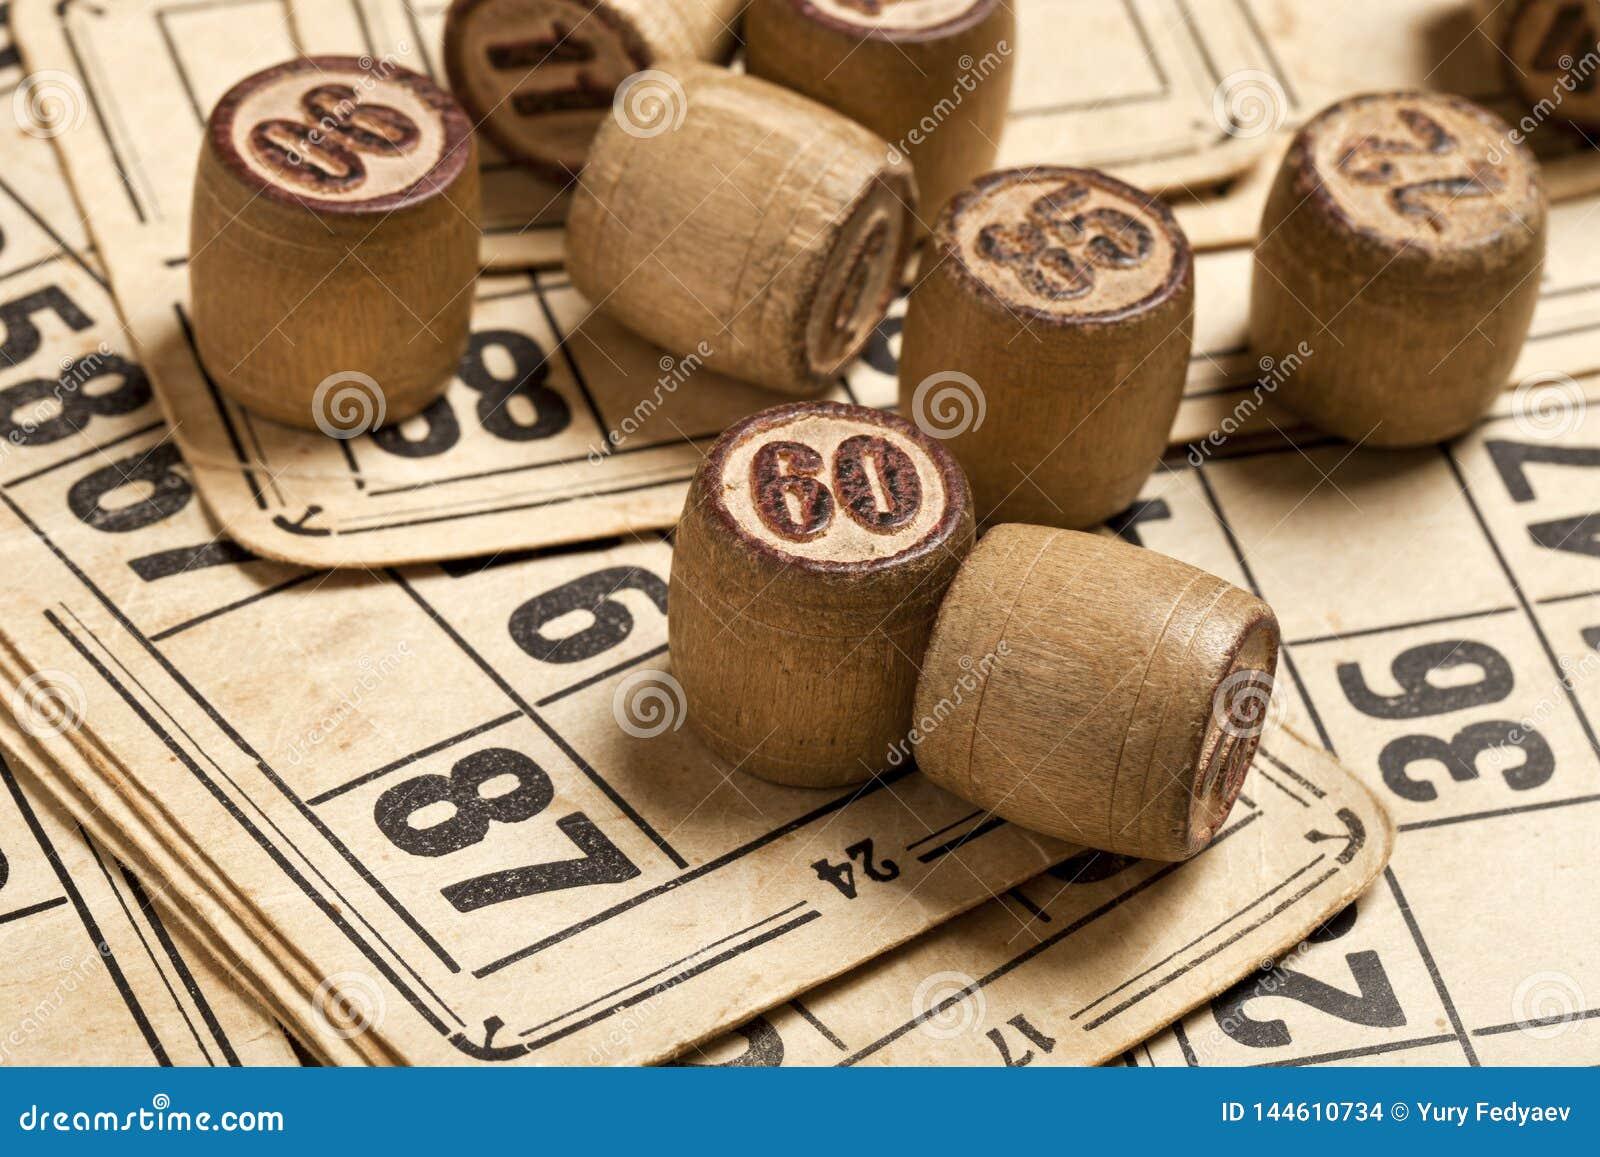 Lijstspel Bingo Houten Lottovaten met zak, speelkaarten voor Lottokaartspel, vrije tijd, spel, strategie, het gokken, loterij,